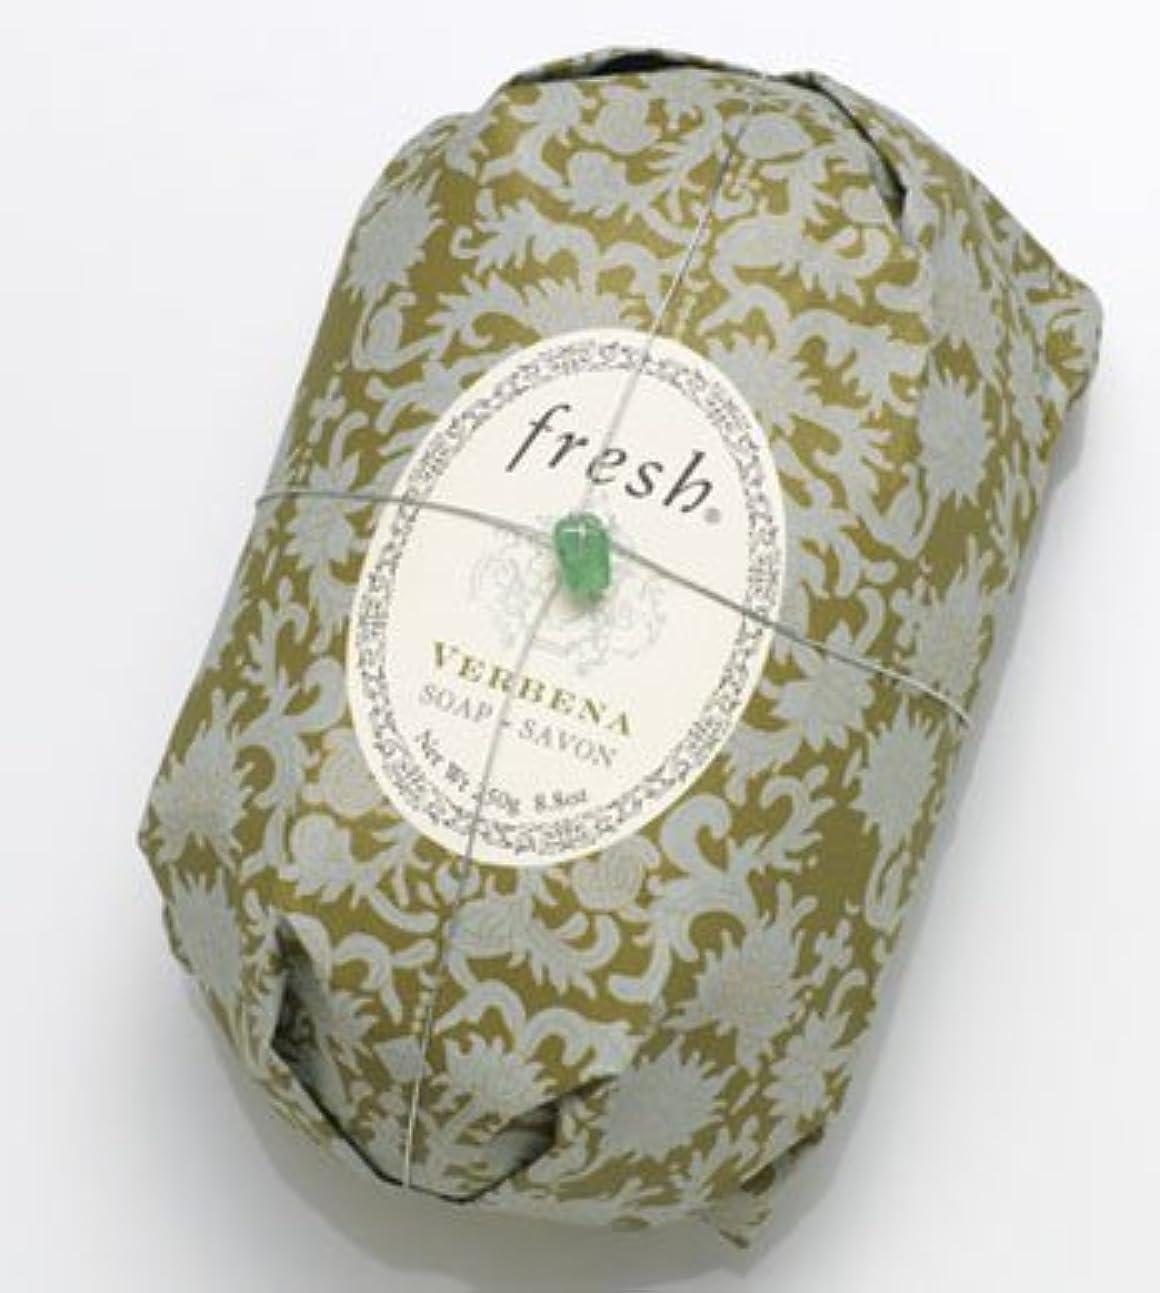 カメラ調べる剣Fresh VERBENA SOAP (フレッシュ バーベナ ソープ) 8.8 oz (250g) Soap (石鹸) by Fresh